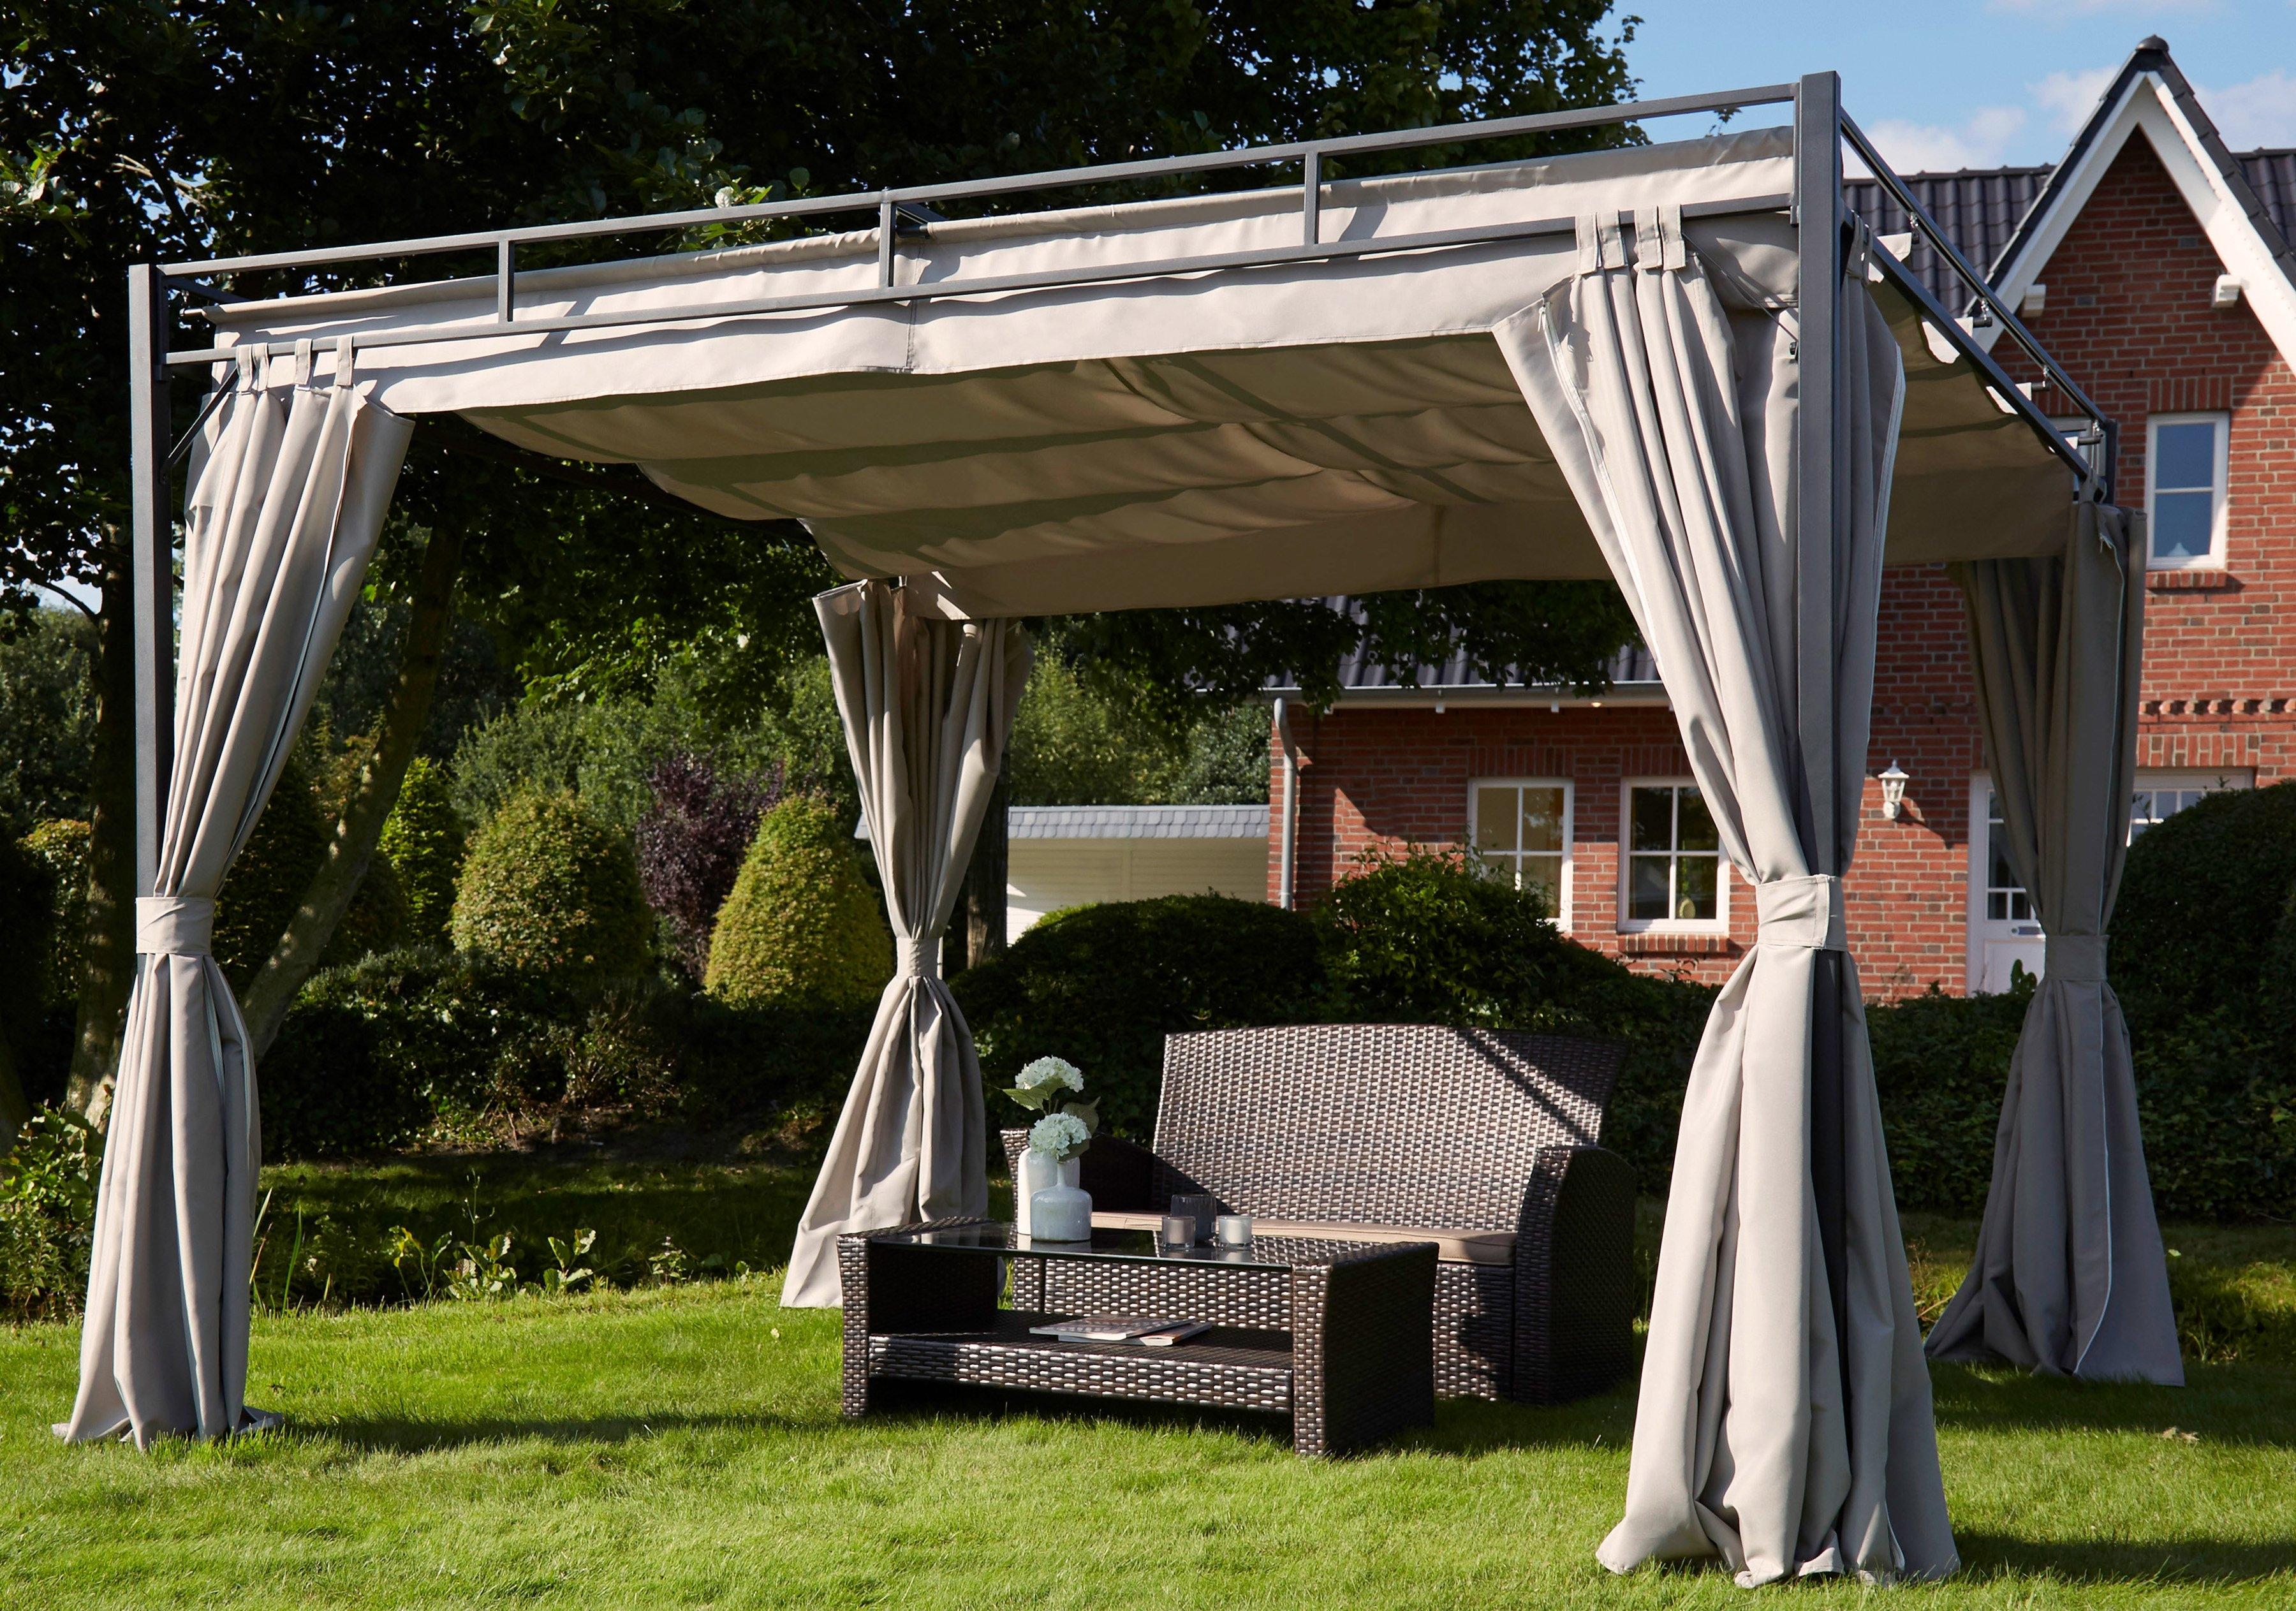 paviljoen kopen keuze uit wel 10 paviljoens online otto. Black Bedroom Furniture Sets. Home Design Ideas